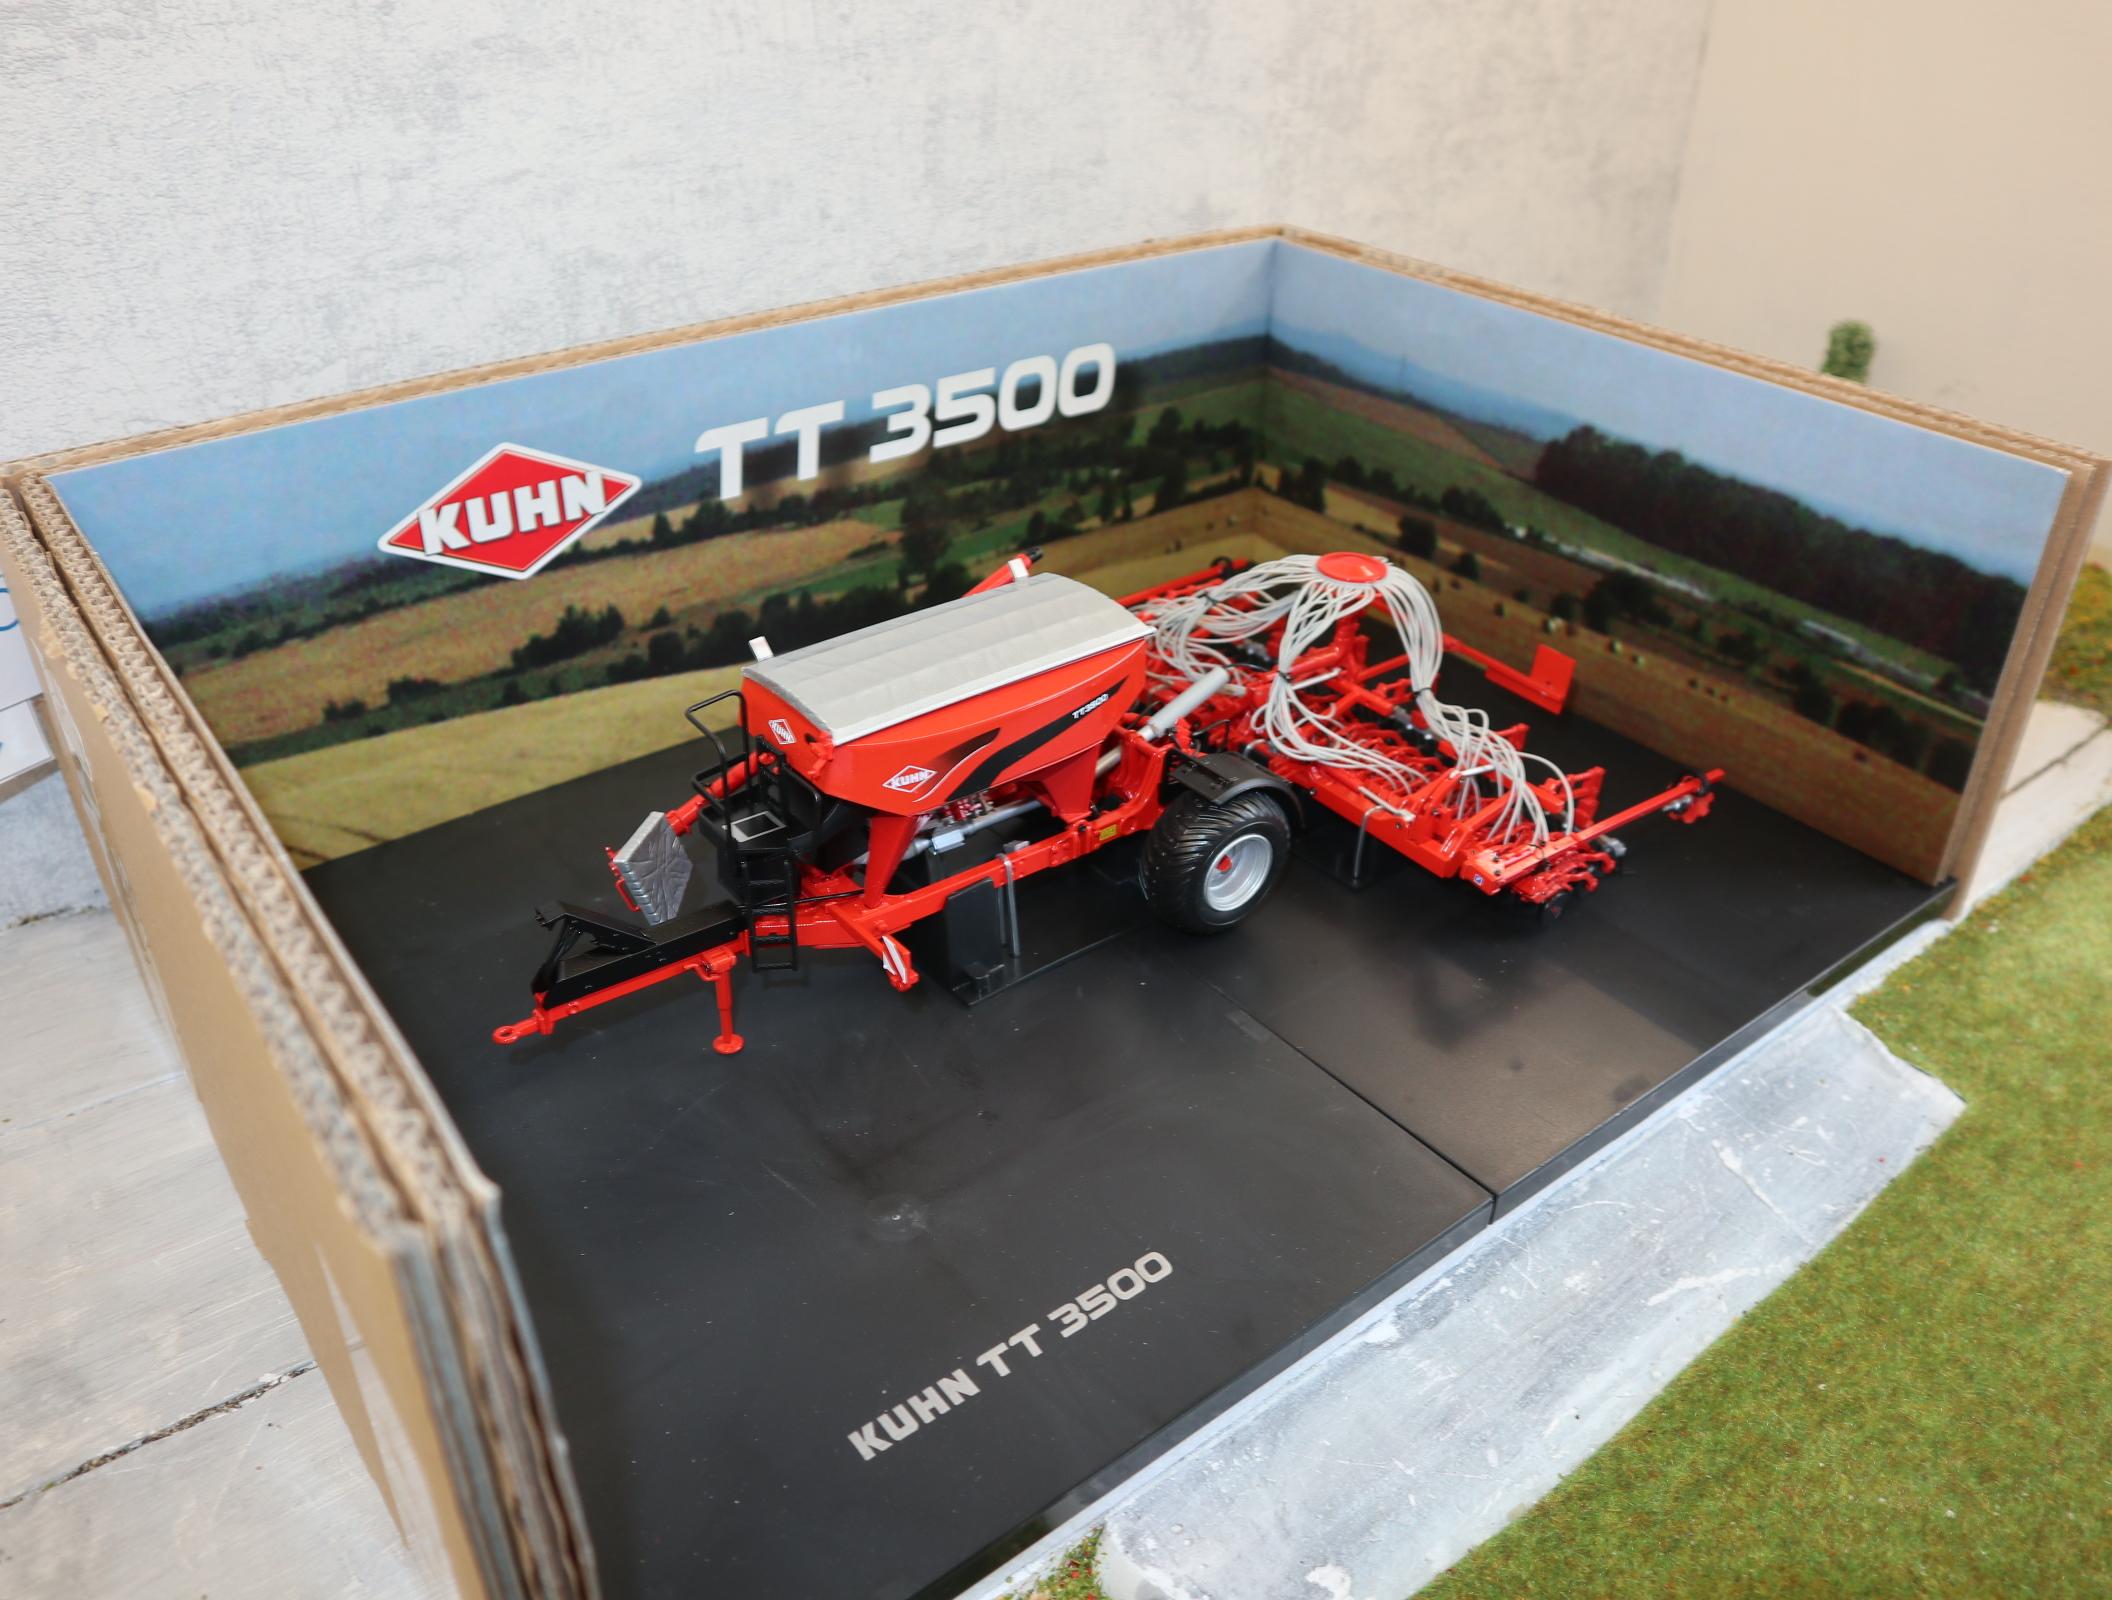 UH 4128 1:32  KUHN  TT3500 Säh- und Düngewagen neu in OVP